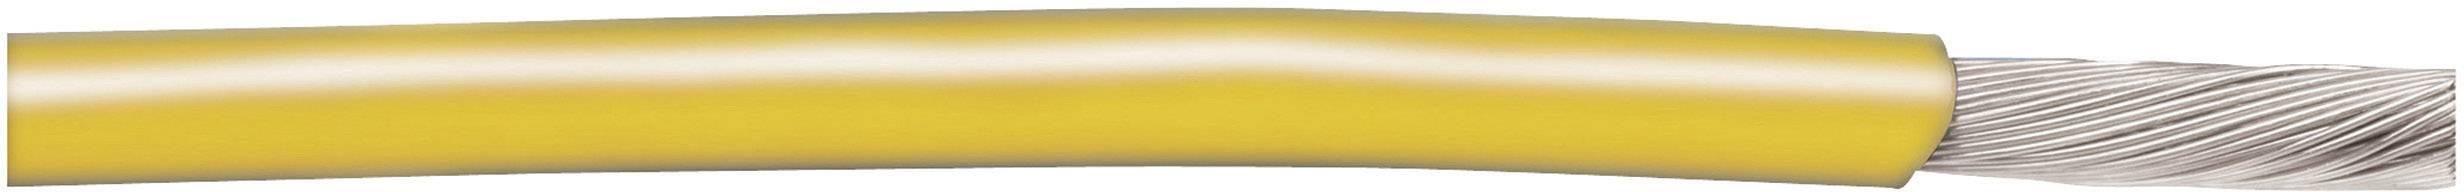 Opletenie / lanko AlphaWire 3053 GR001 1 x 0.50 mm², vonkajší Ø 1.75 mm, metrový tovar, zelená